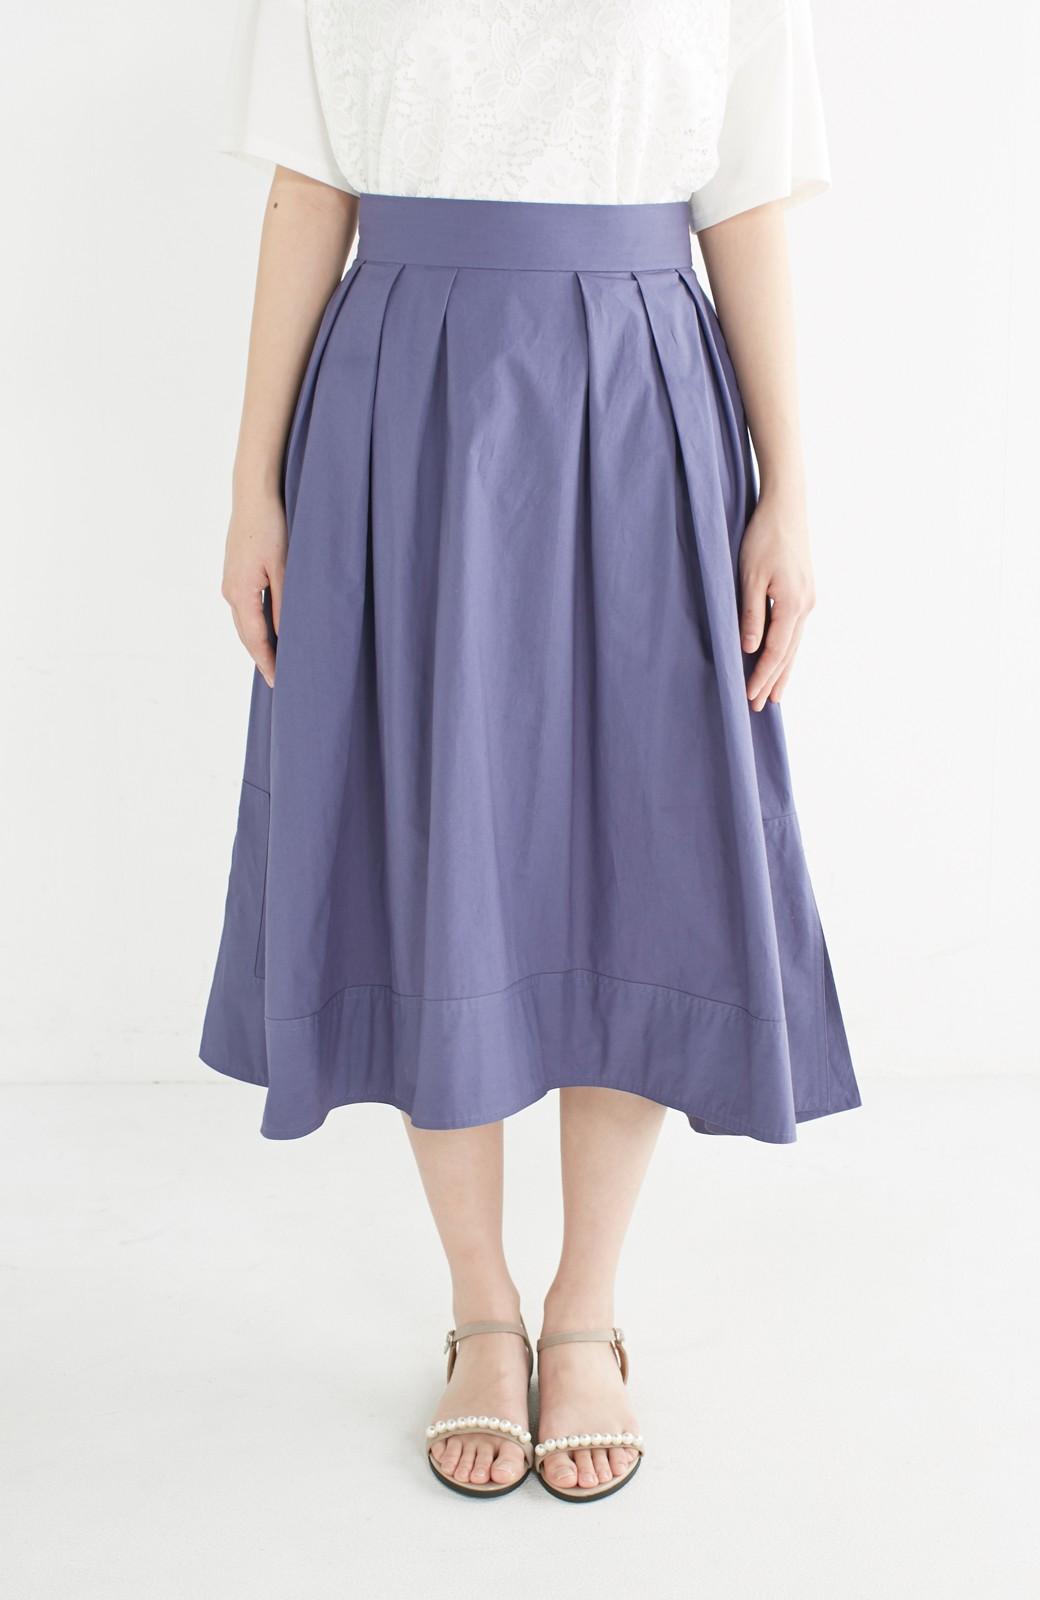 エムトロワ きれい色のイレギュラーヘムスカート <ブルー>の商品写真3